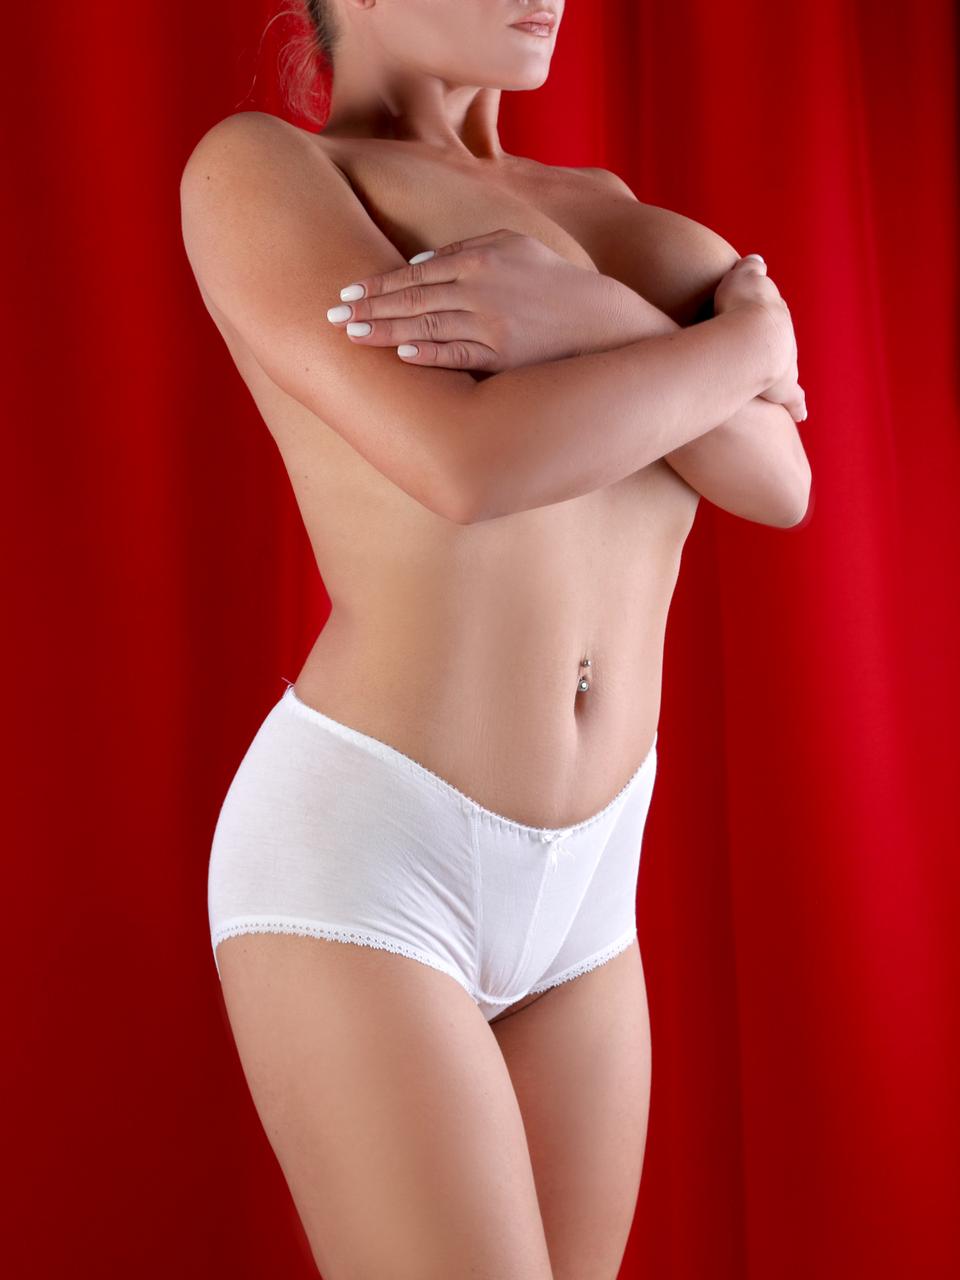 Трусики женские Diorella 60277, цвет Белый, размер L